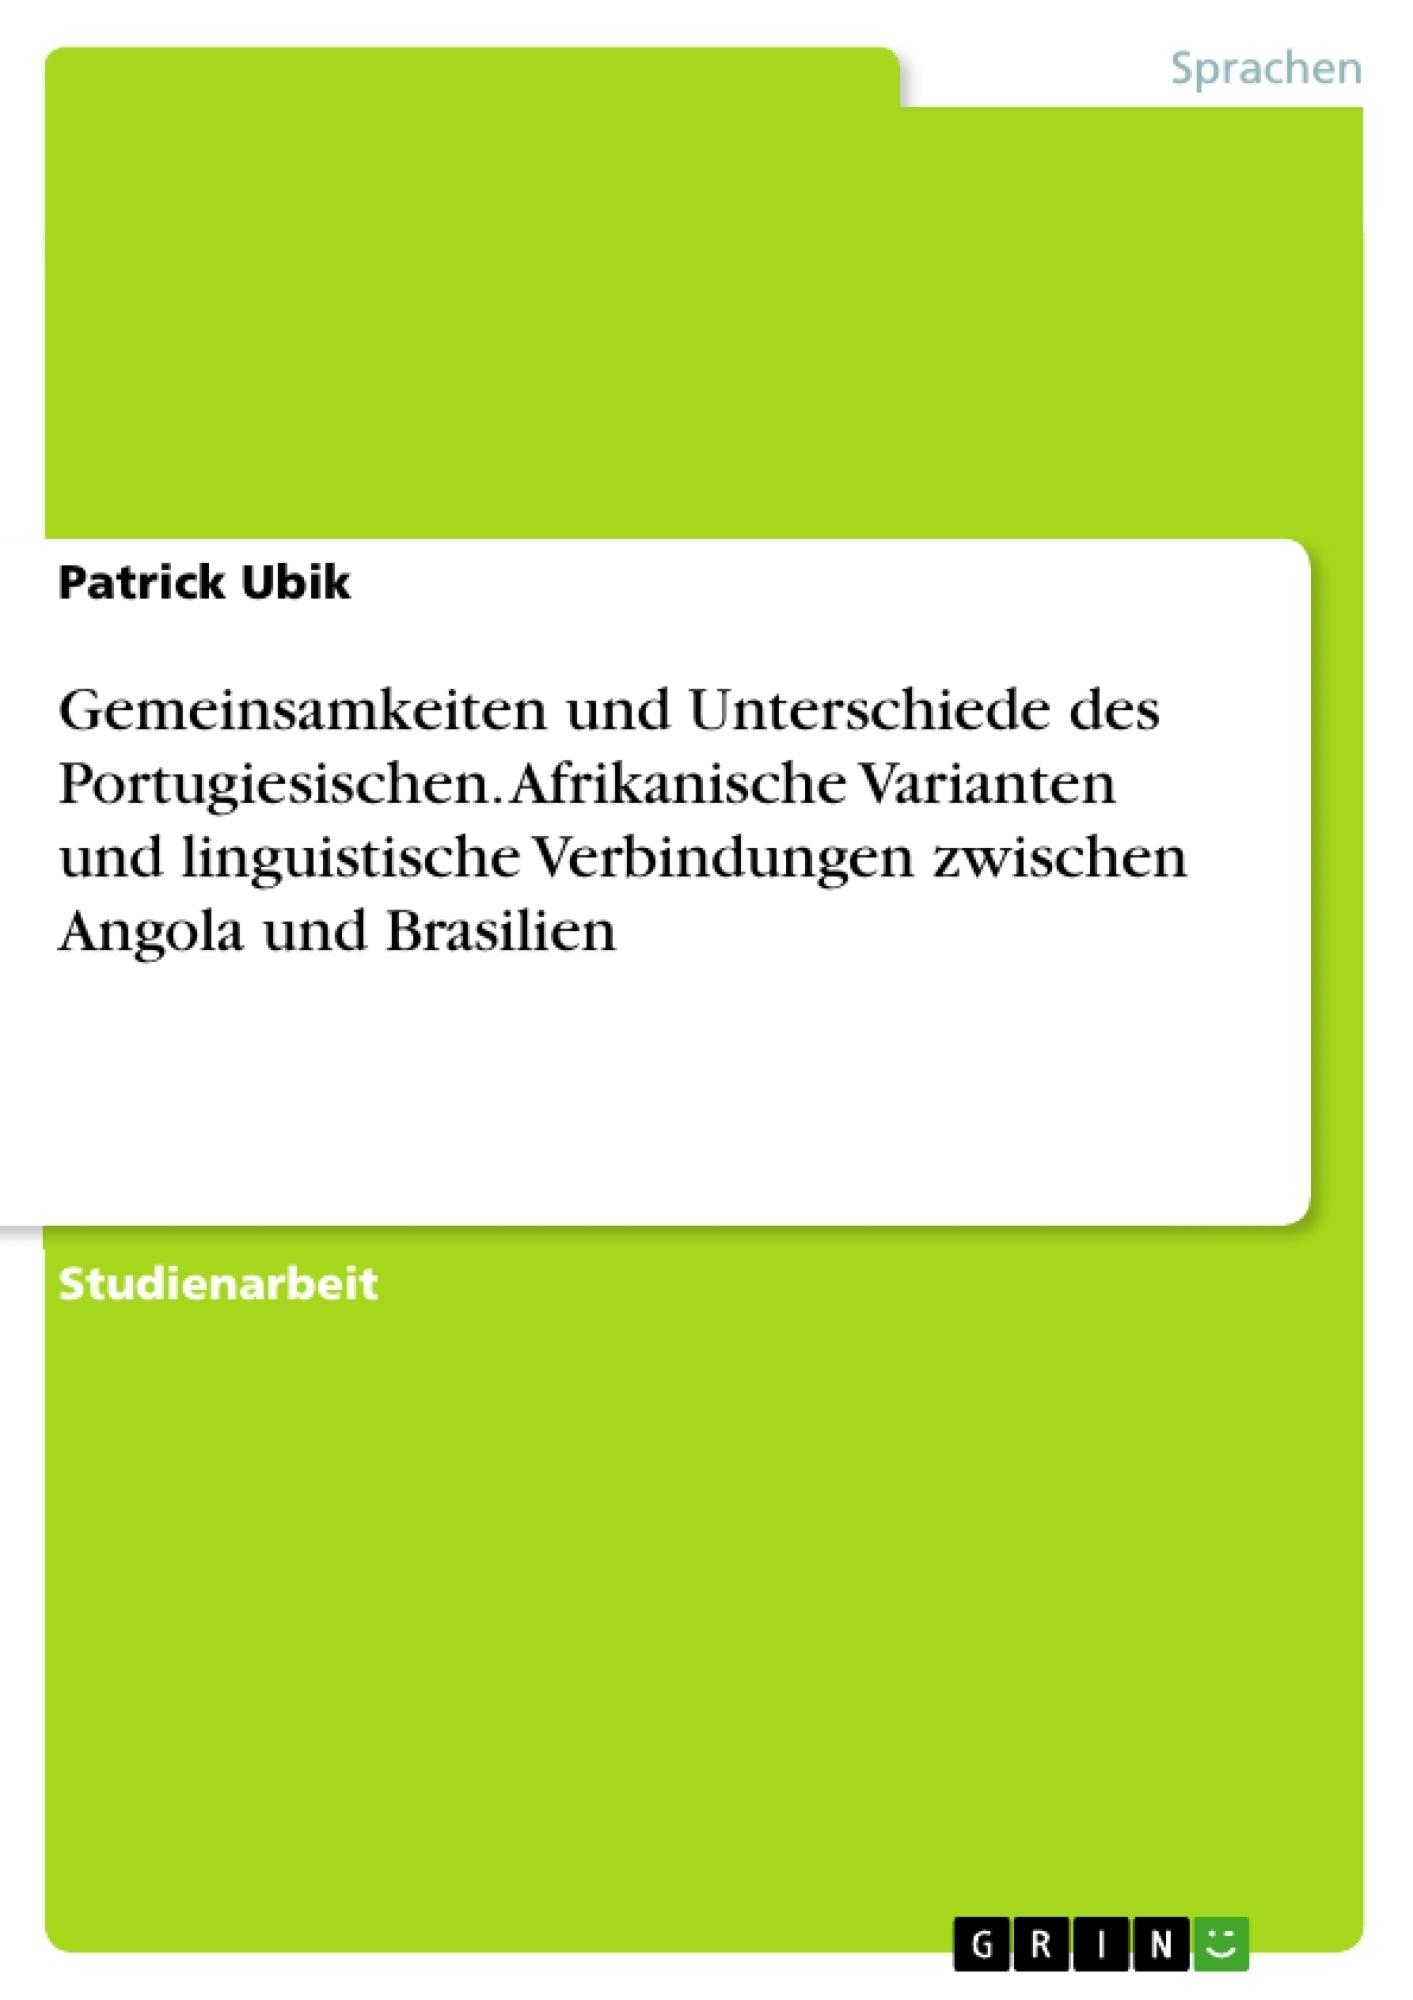 Titel: Gemeinsamkeiten und Unterschiede des Portugiesischen. Afrikanische Varianten und linguistische Verbindungen zwischen Angola und Brasilien